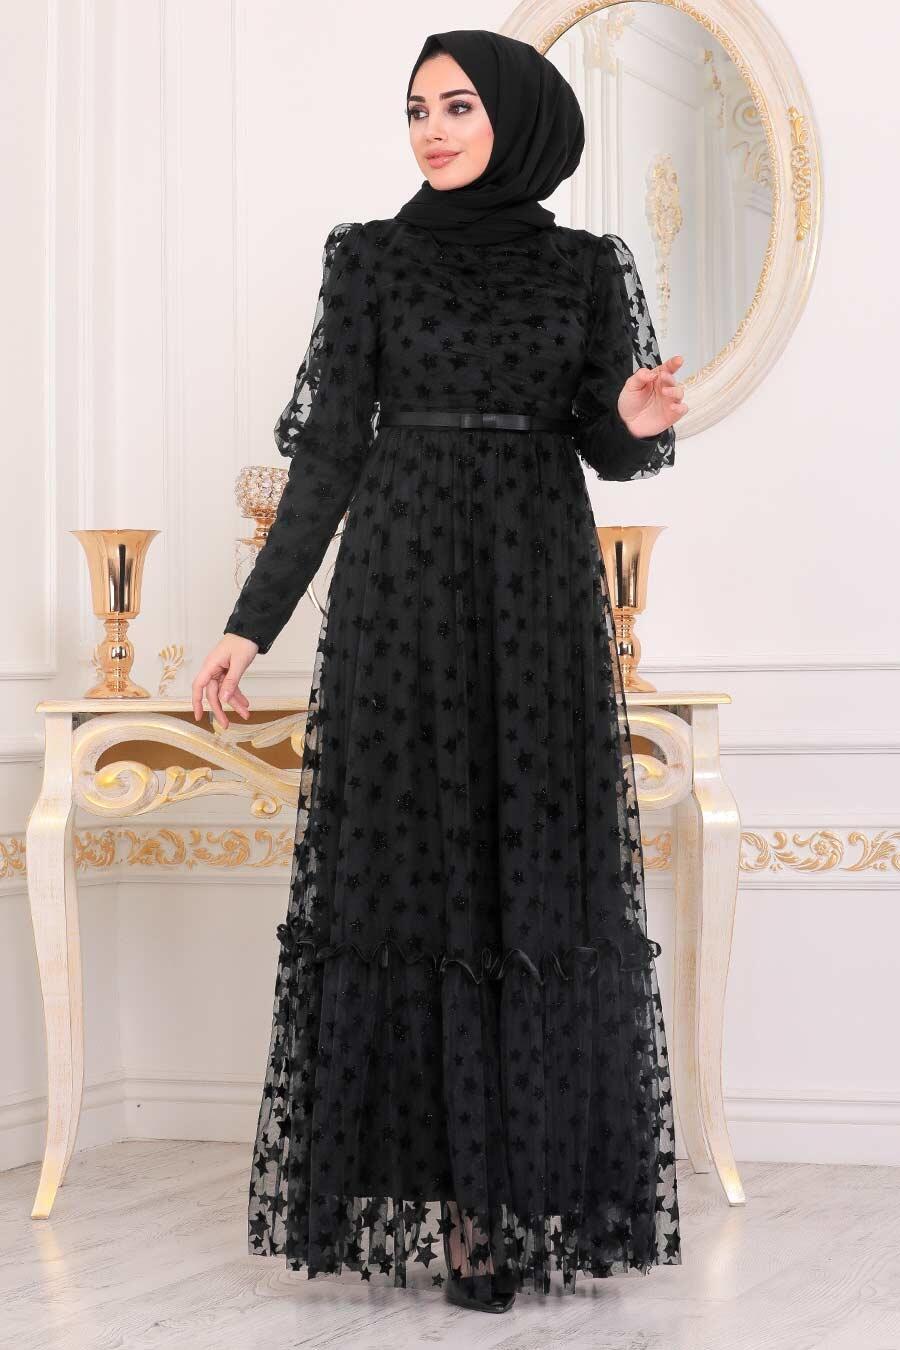 Tesettürlü Abiye Elbise - Yıldız Detaylı Siyah Tesettür Abiye Elbise 22840S